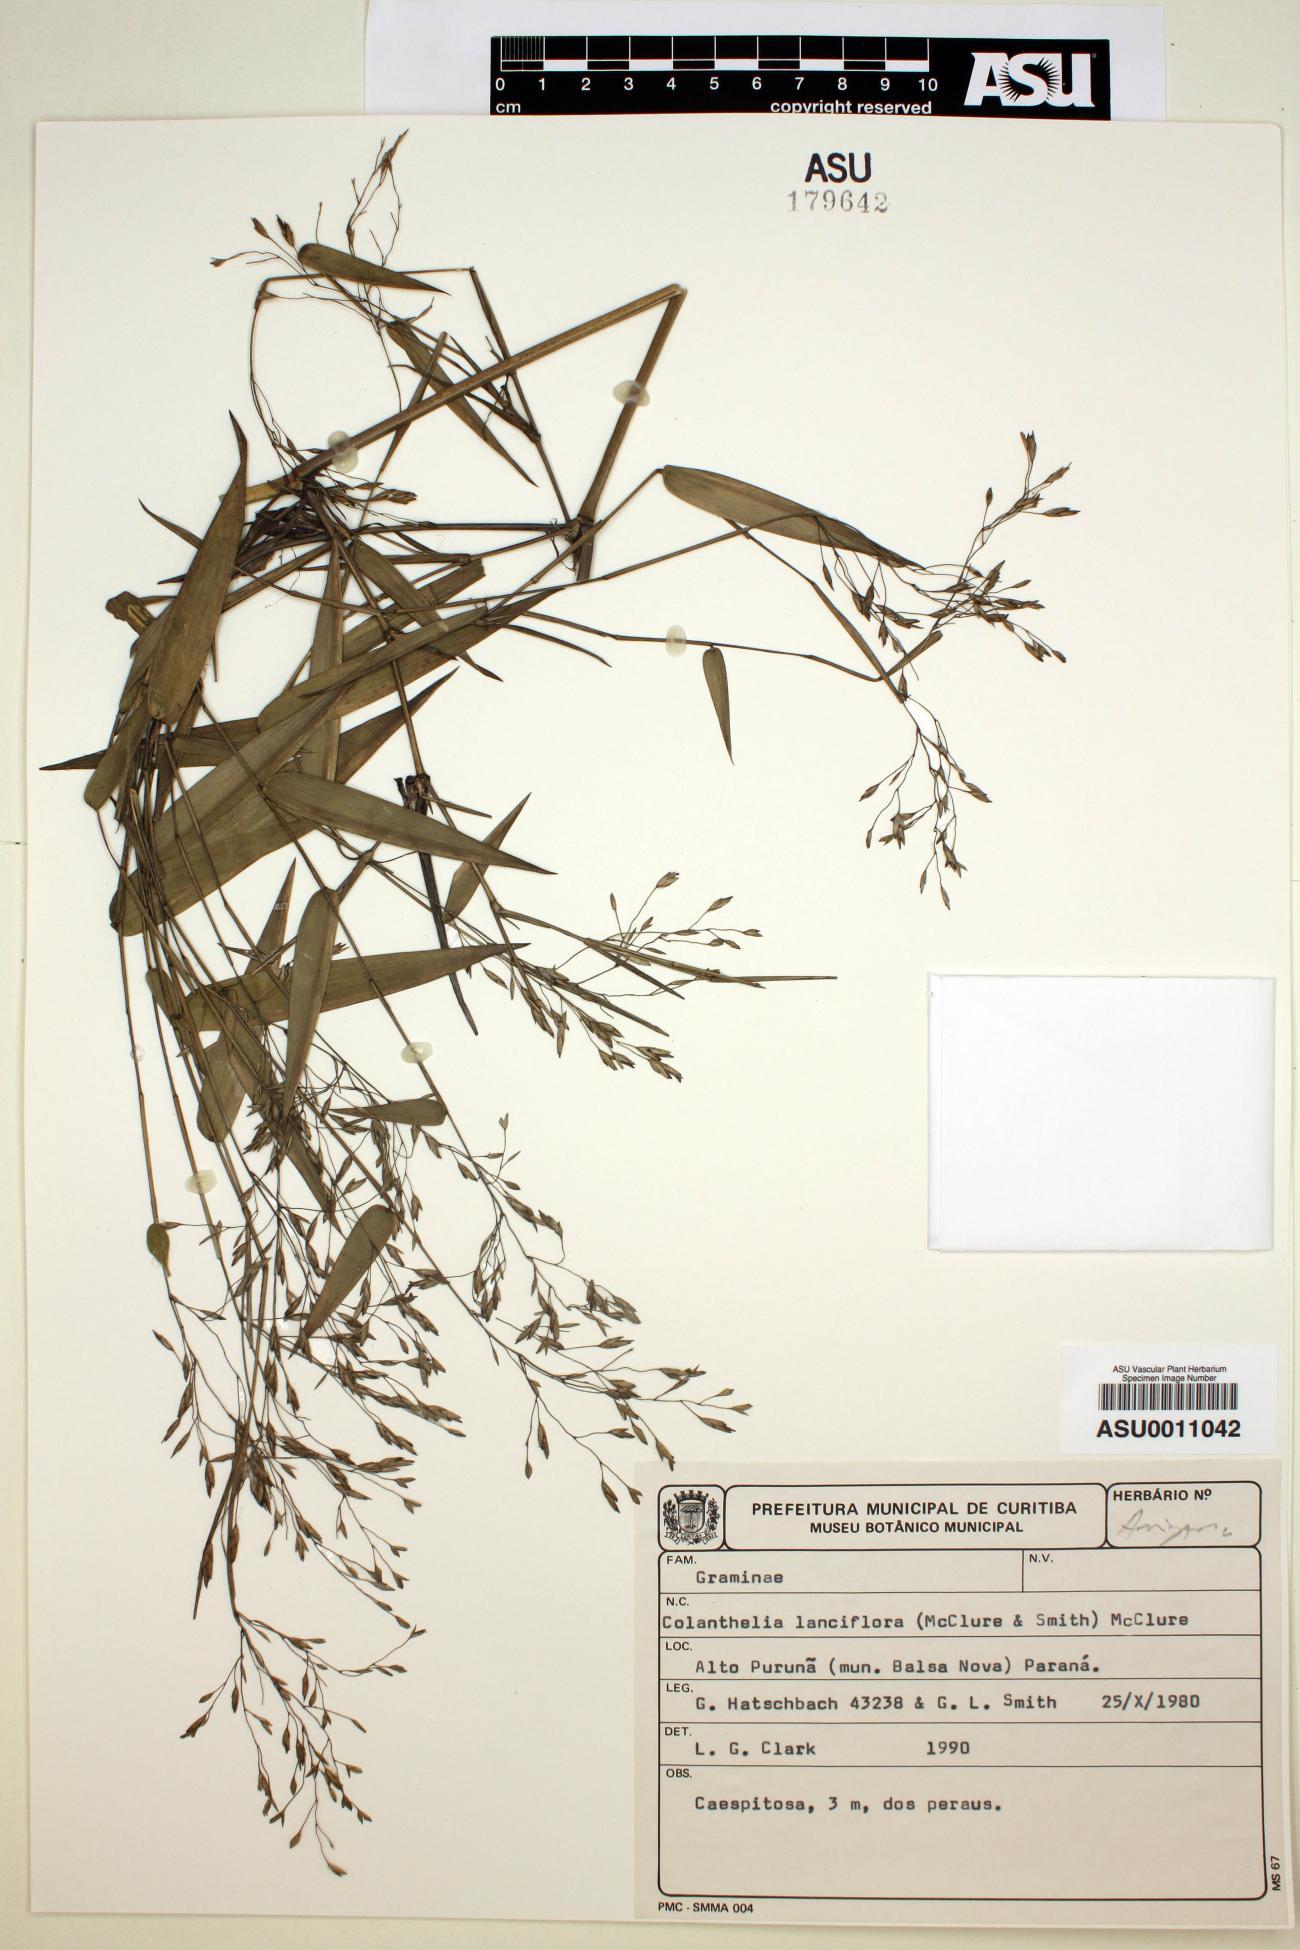 Colanthelia lanciflora image